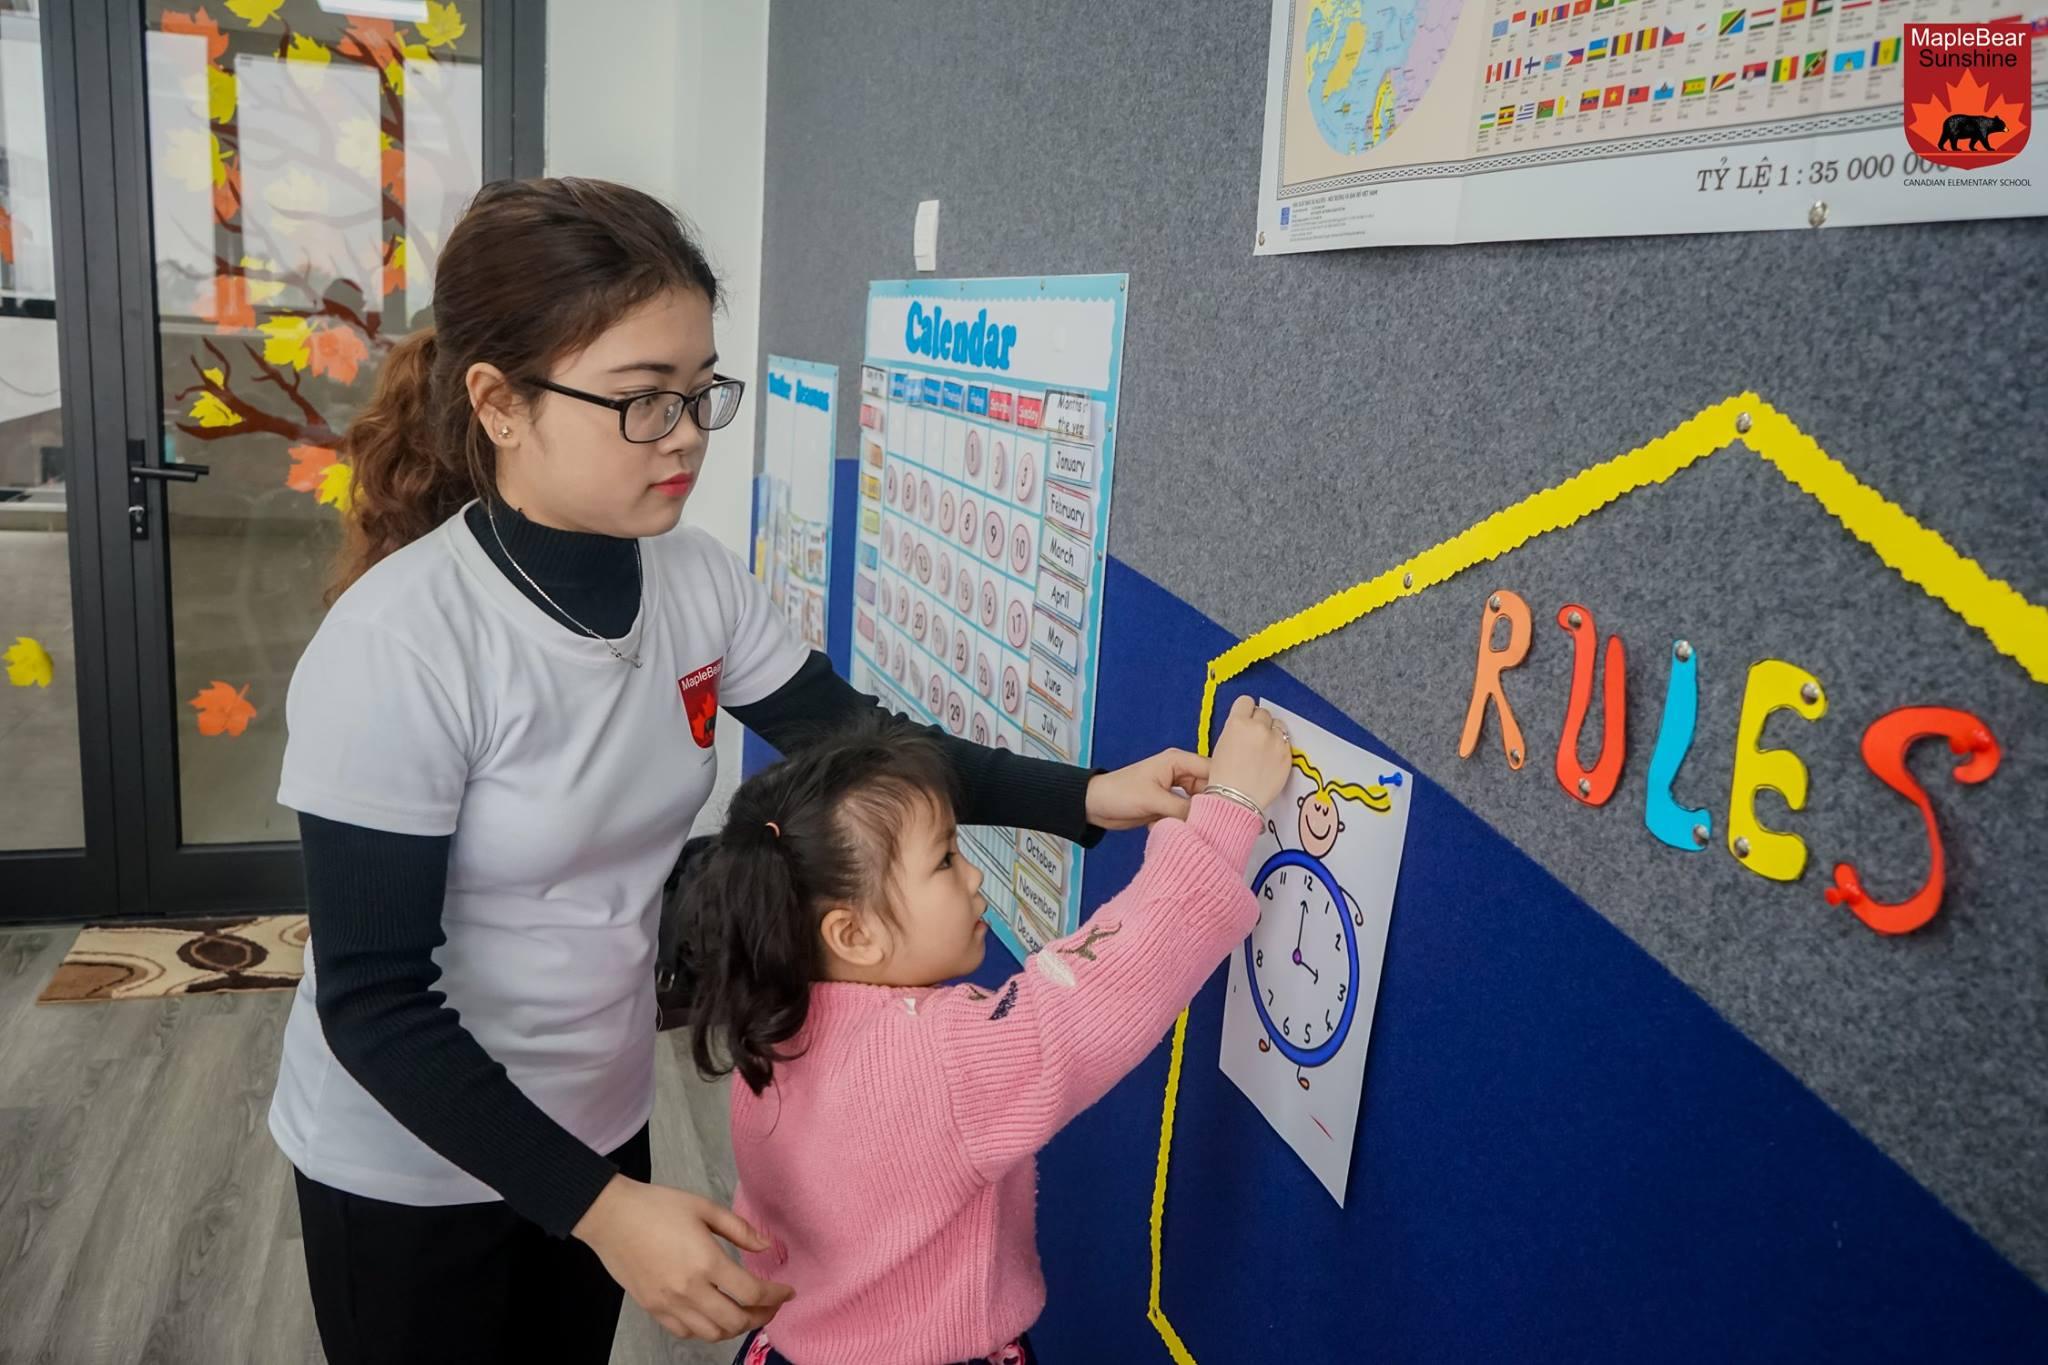 Các bạn được cô giáo chia sẻ về các quy tắc trong lớp học, về cách giữ an toàn khi tham gia giao thông...